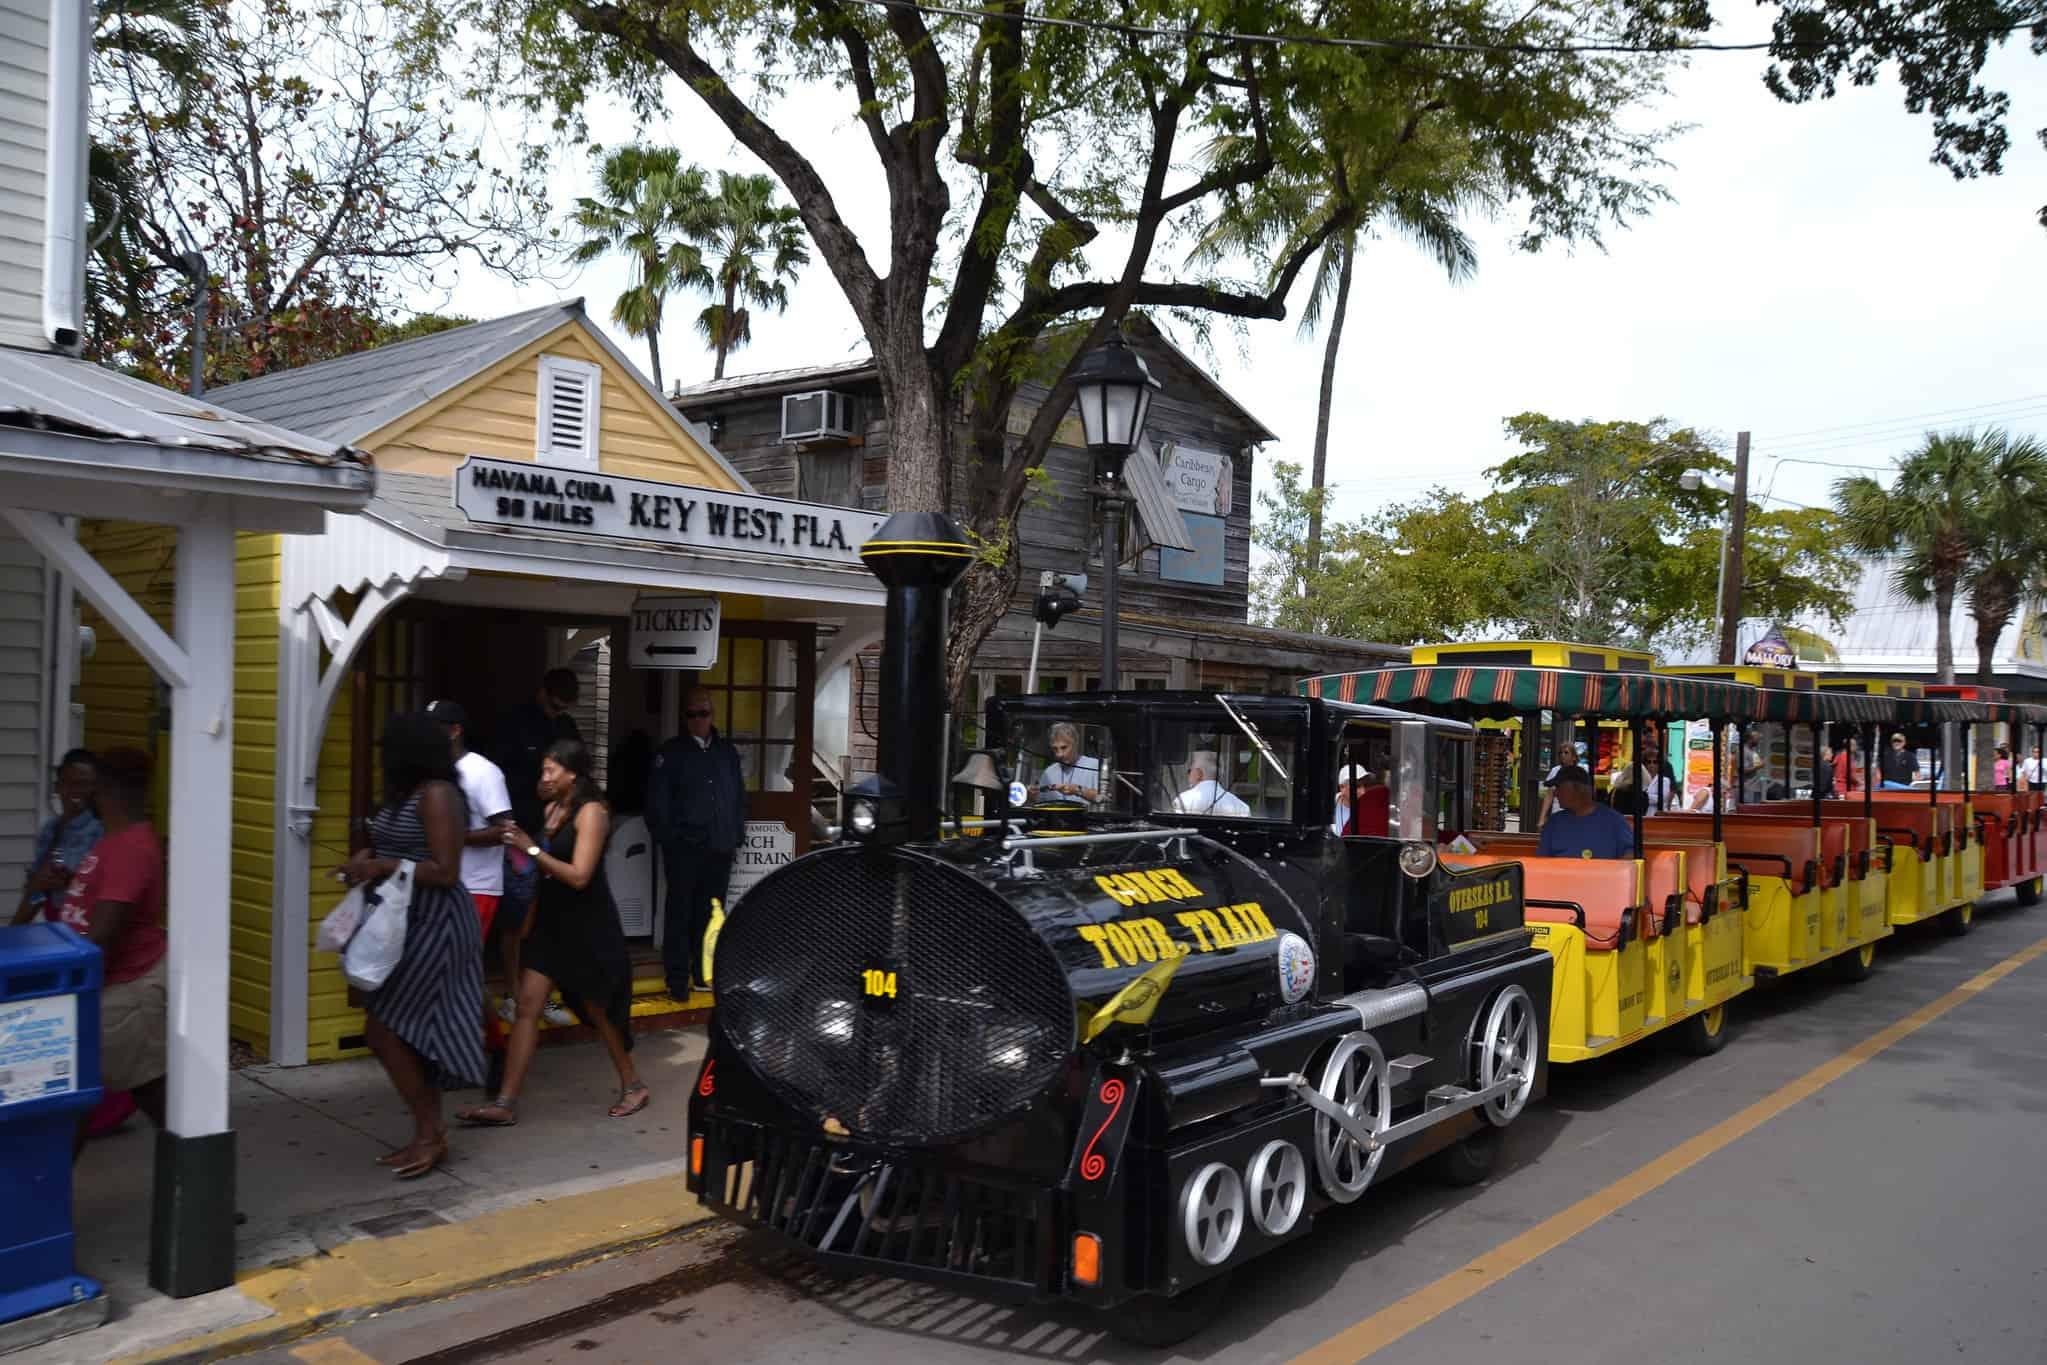 conch tour train key west flickr